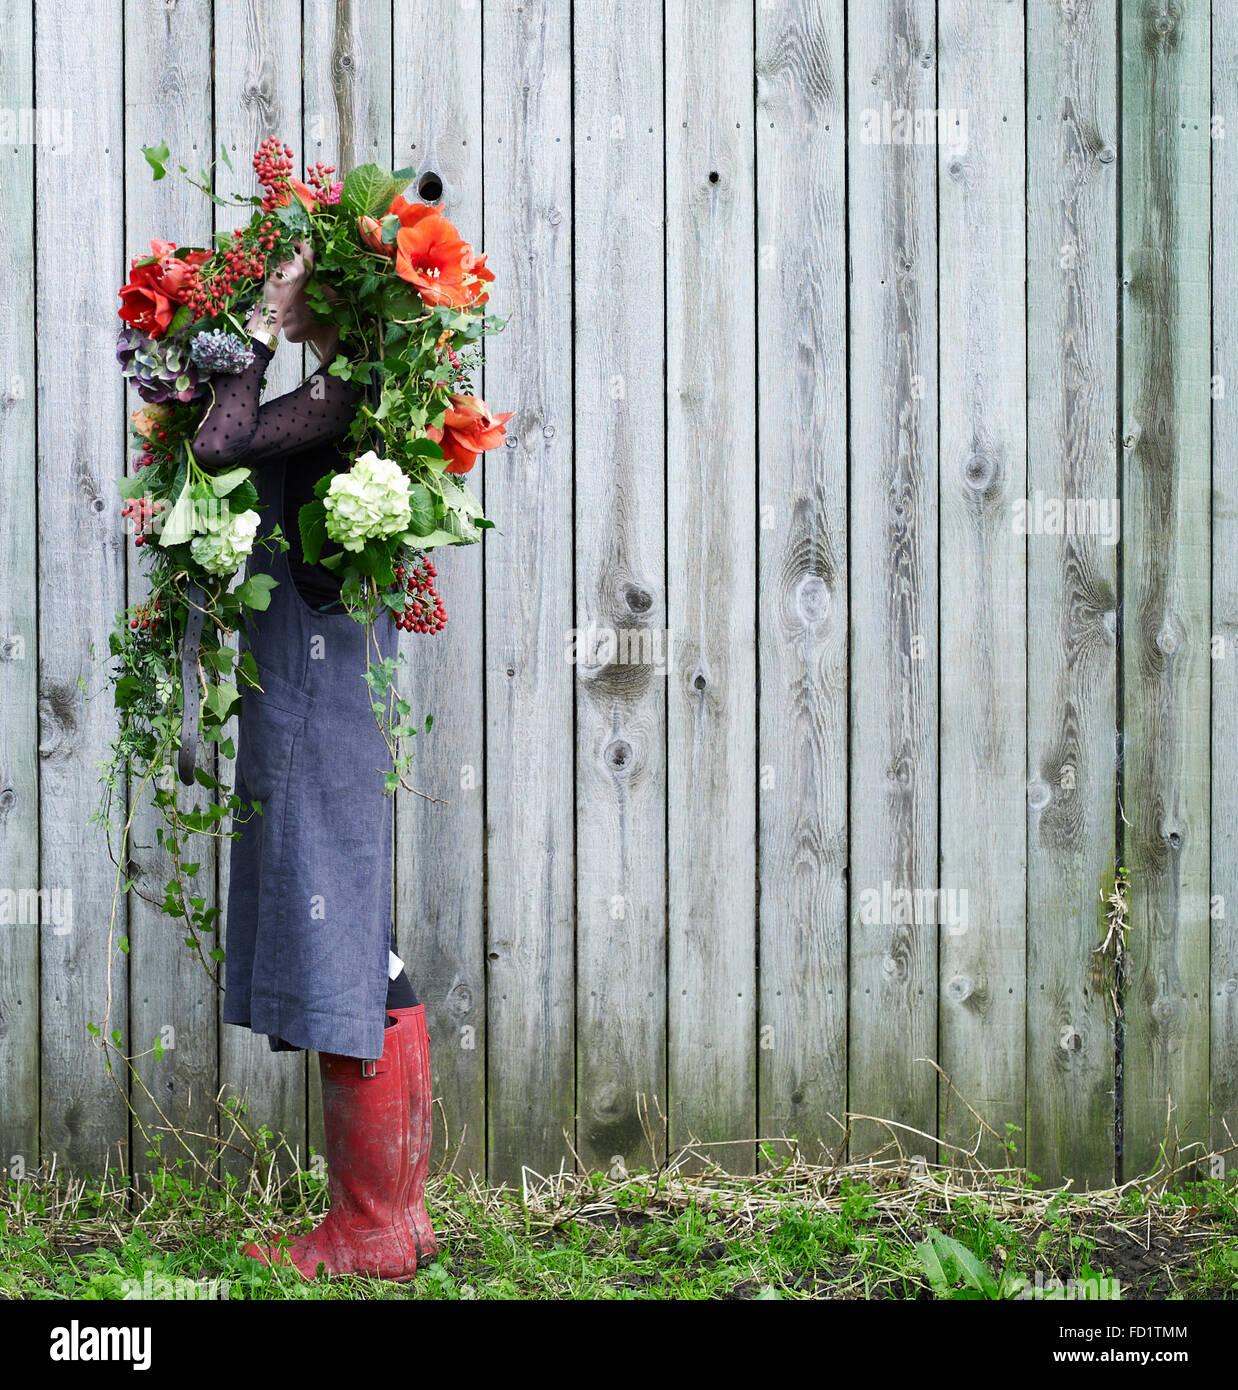 Chica con flores rojas y verdes Imagen De Stock